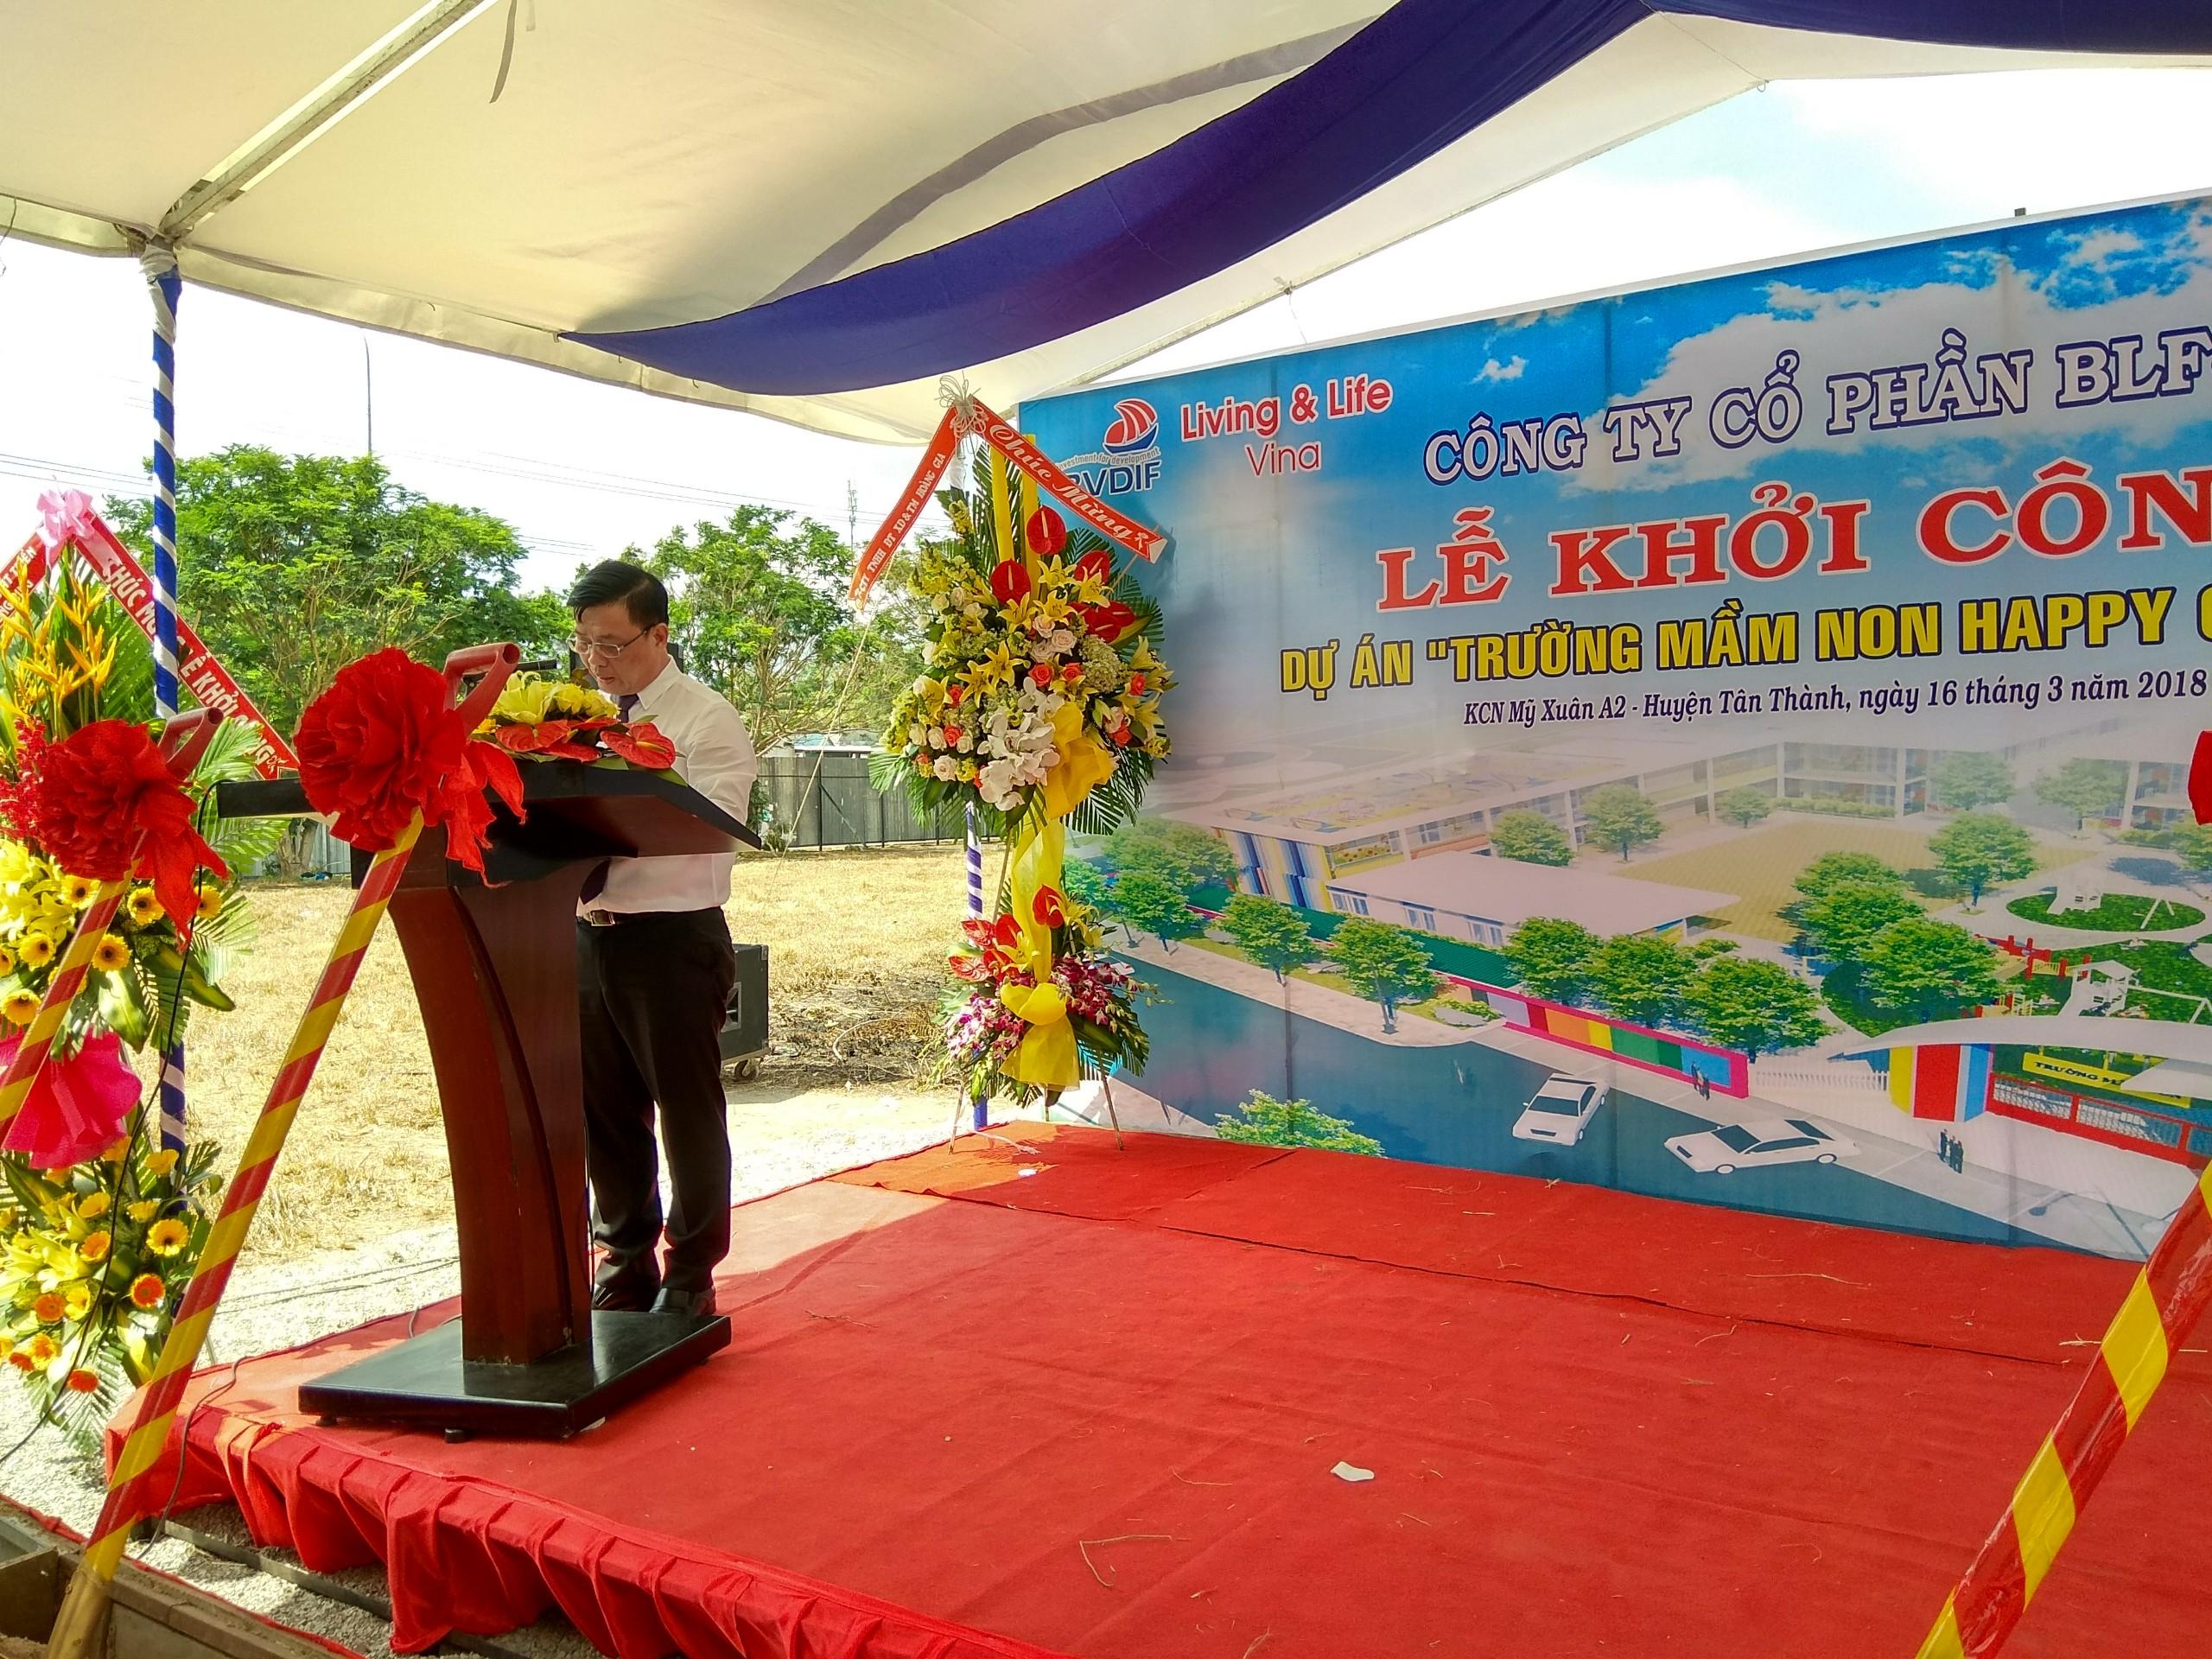 """Lễ khởi công dự án """"Trường mầm non Happy Garden"""" tại Khu công nghiệp Mỹ Xuân A2, huyện Tân Thành, tỉnh Bà Rịa – Vũng Tàu"""